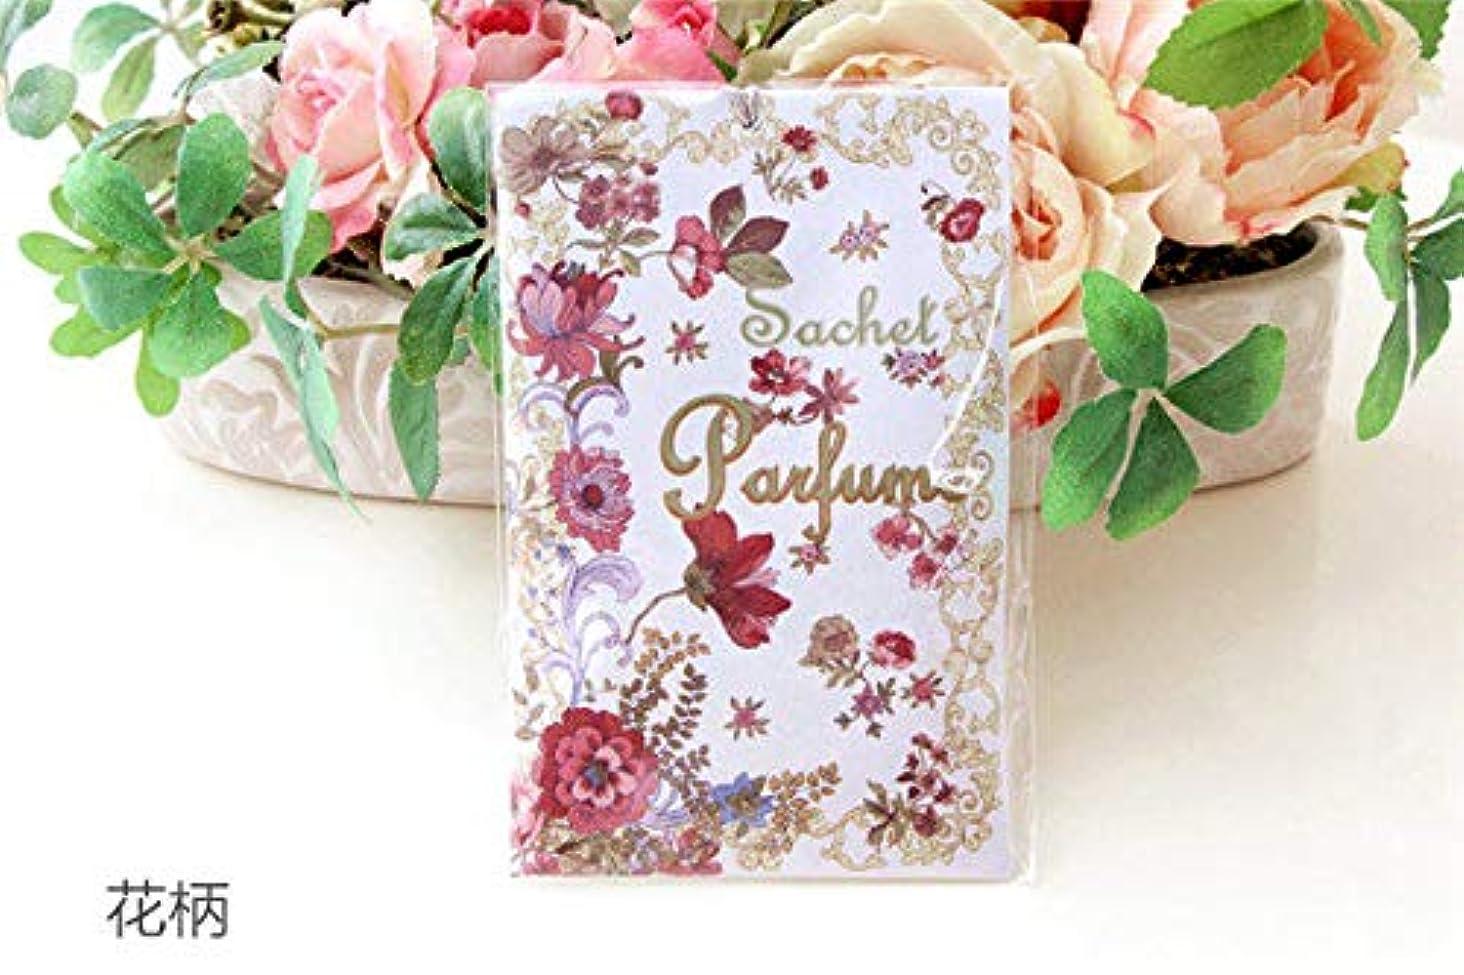 よろしくテレビ局説教するサシェ袋 香袋 アロマ ローズの香り バラ 花柄 おしゃれ かわいい <br>姫系 ボタニカル 母の日ギフト